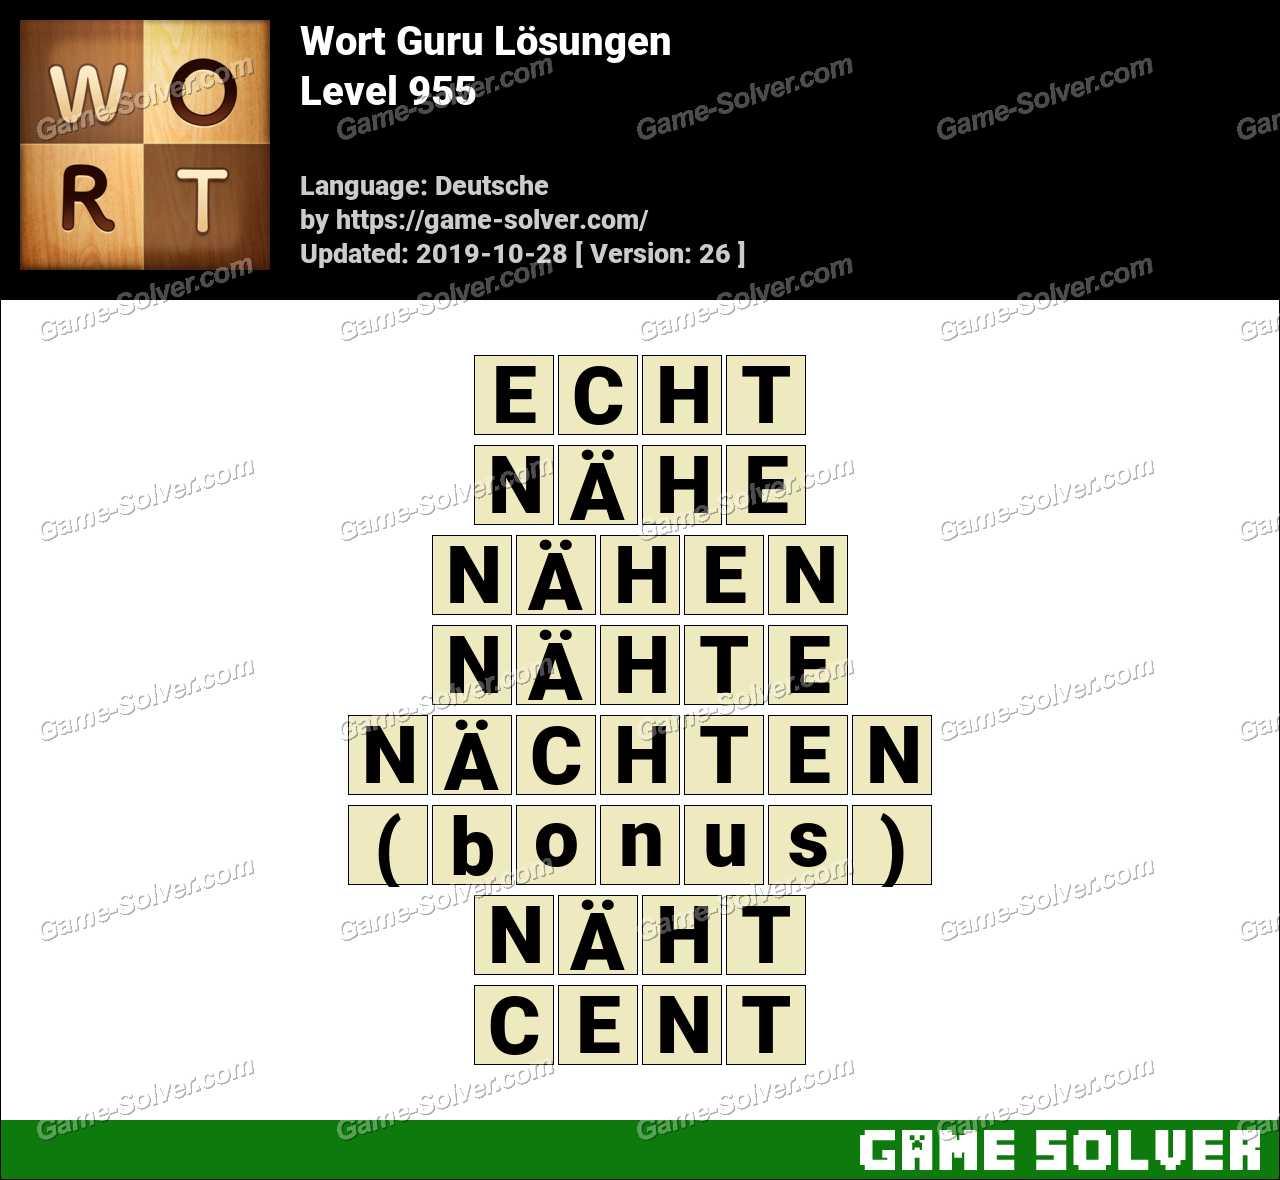 Wort Guru Level 955 Lösungen